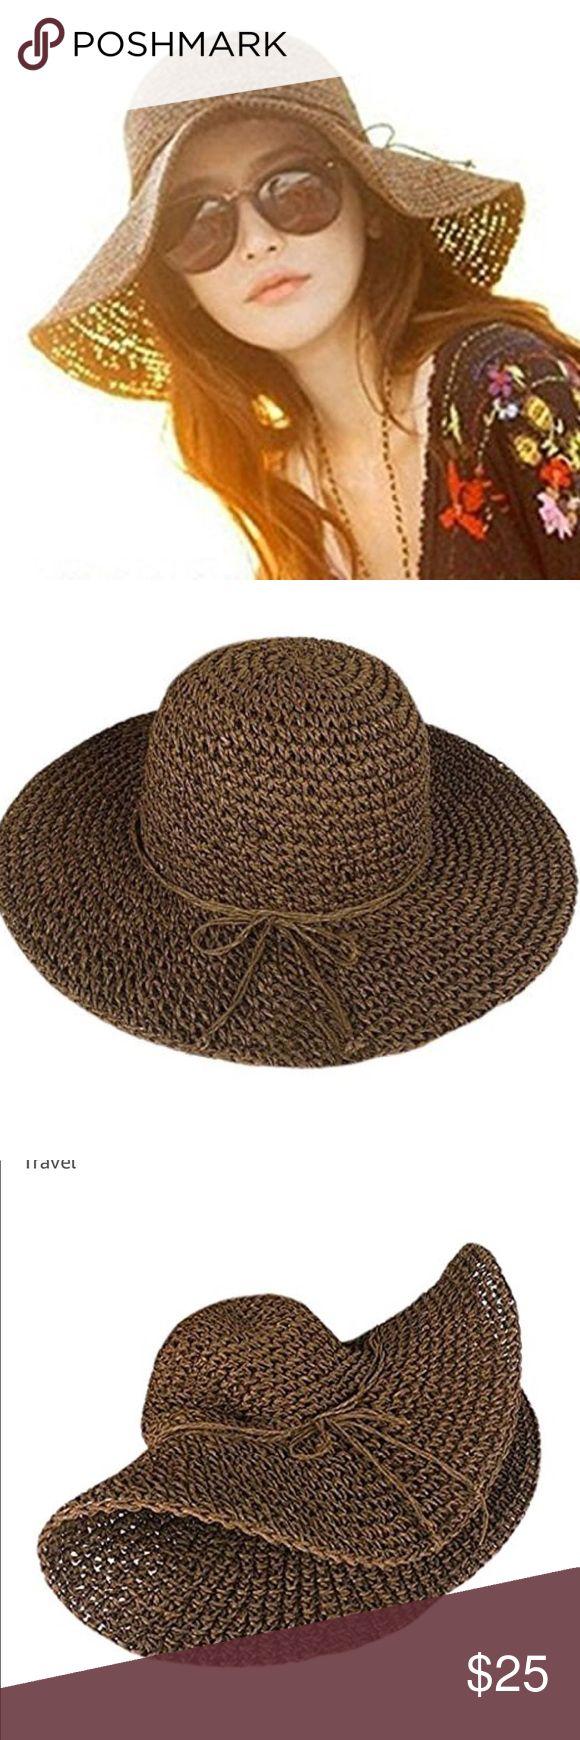 how to fix a floppy straw hat